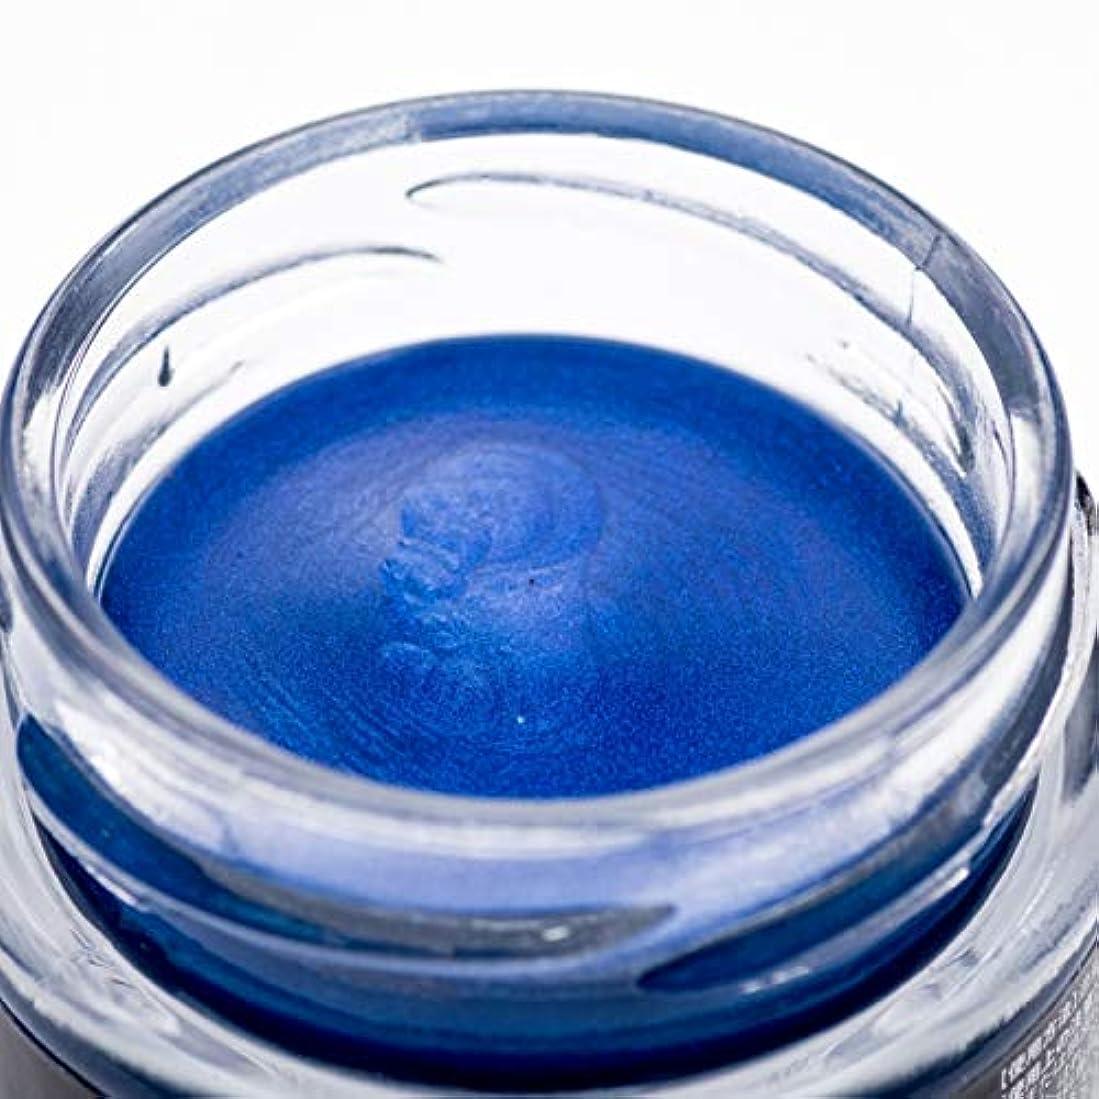 会話型創始者シンボルEMAJINY エマジニー カラーワックス Mysterious Blue ブルー M25 36g